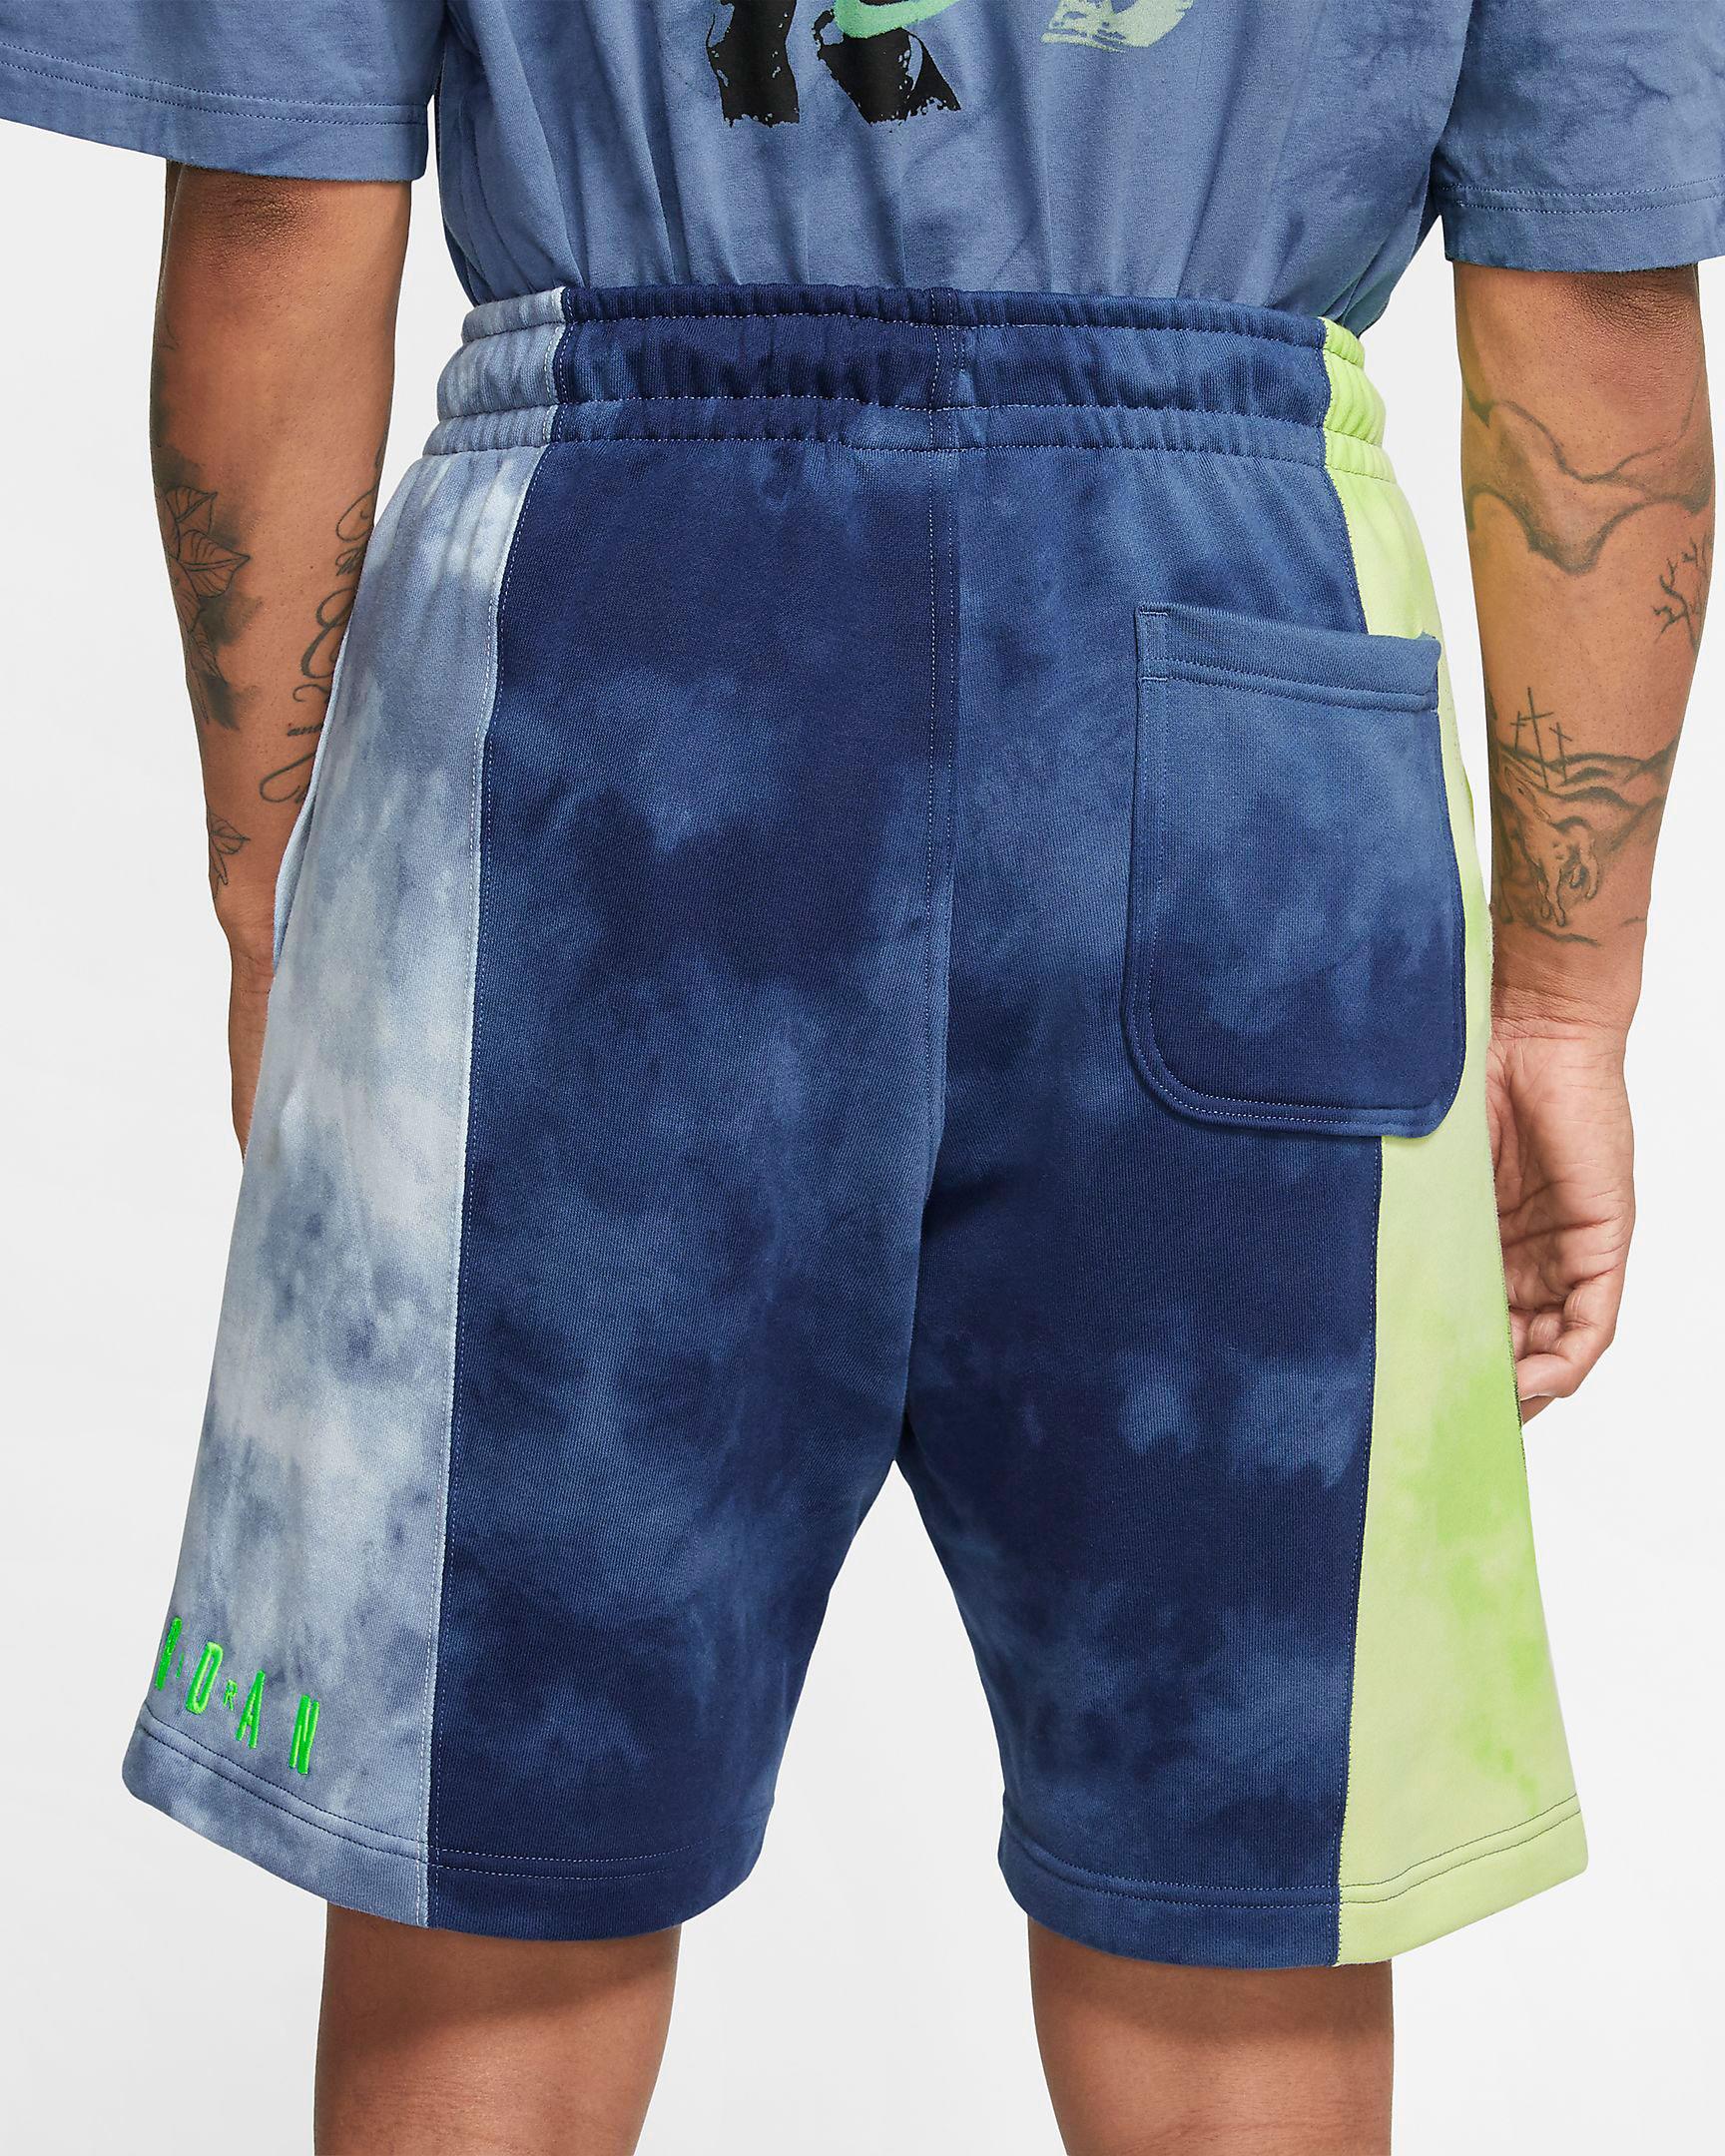 jordan-9-racer-blue-shorts-match-2